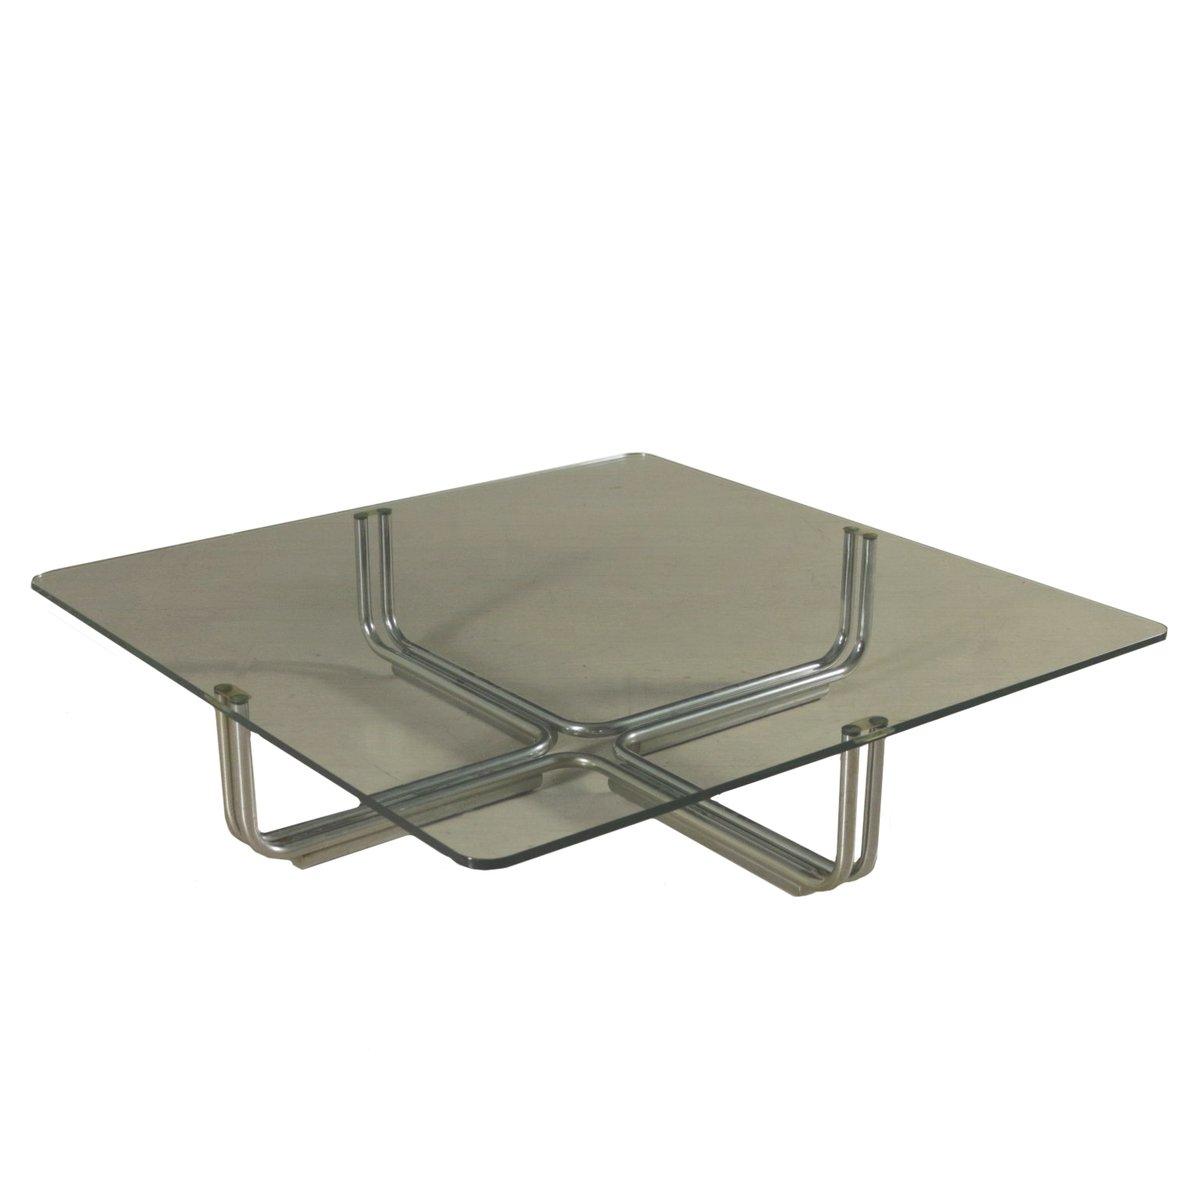 tisch mit platte aus kristall von gianfranco frattini f r cassina 1970er bei pamono kaufen. Black Bedroom Furniture Sets. Home Design Ideas